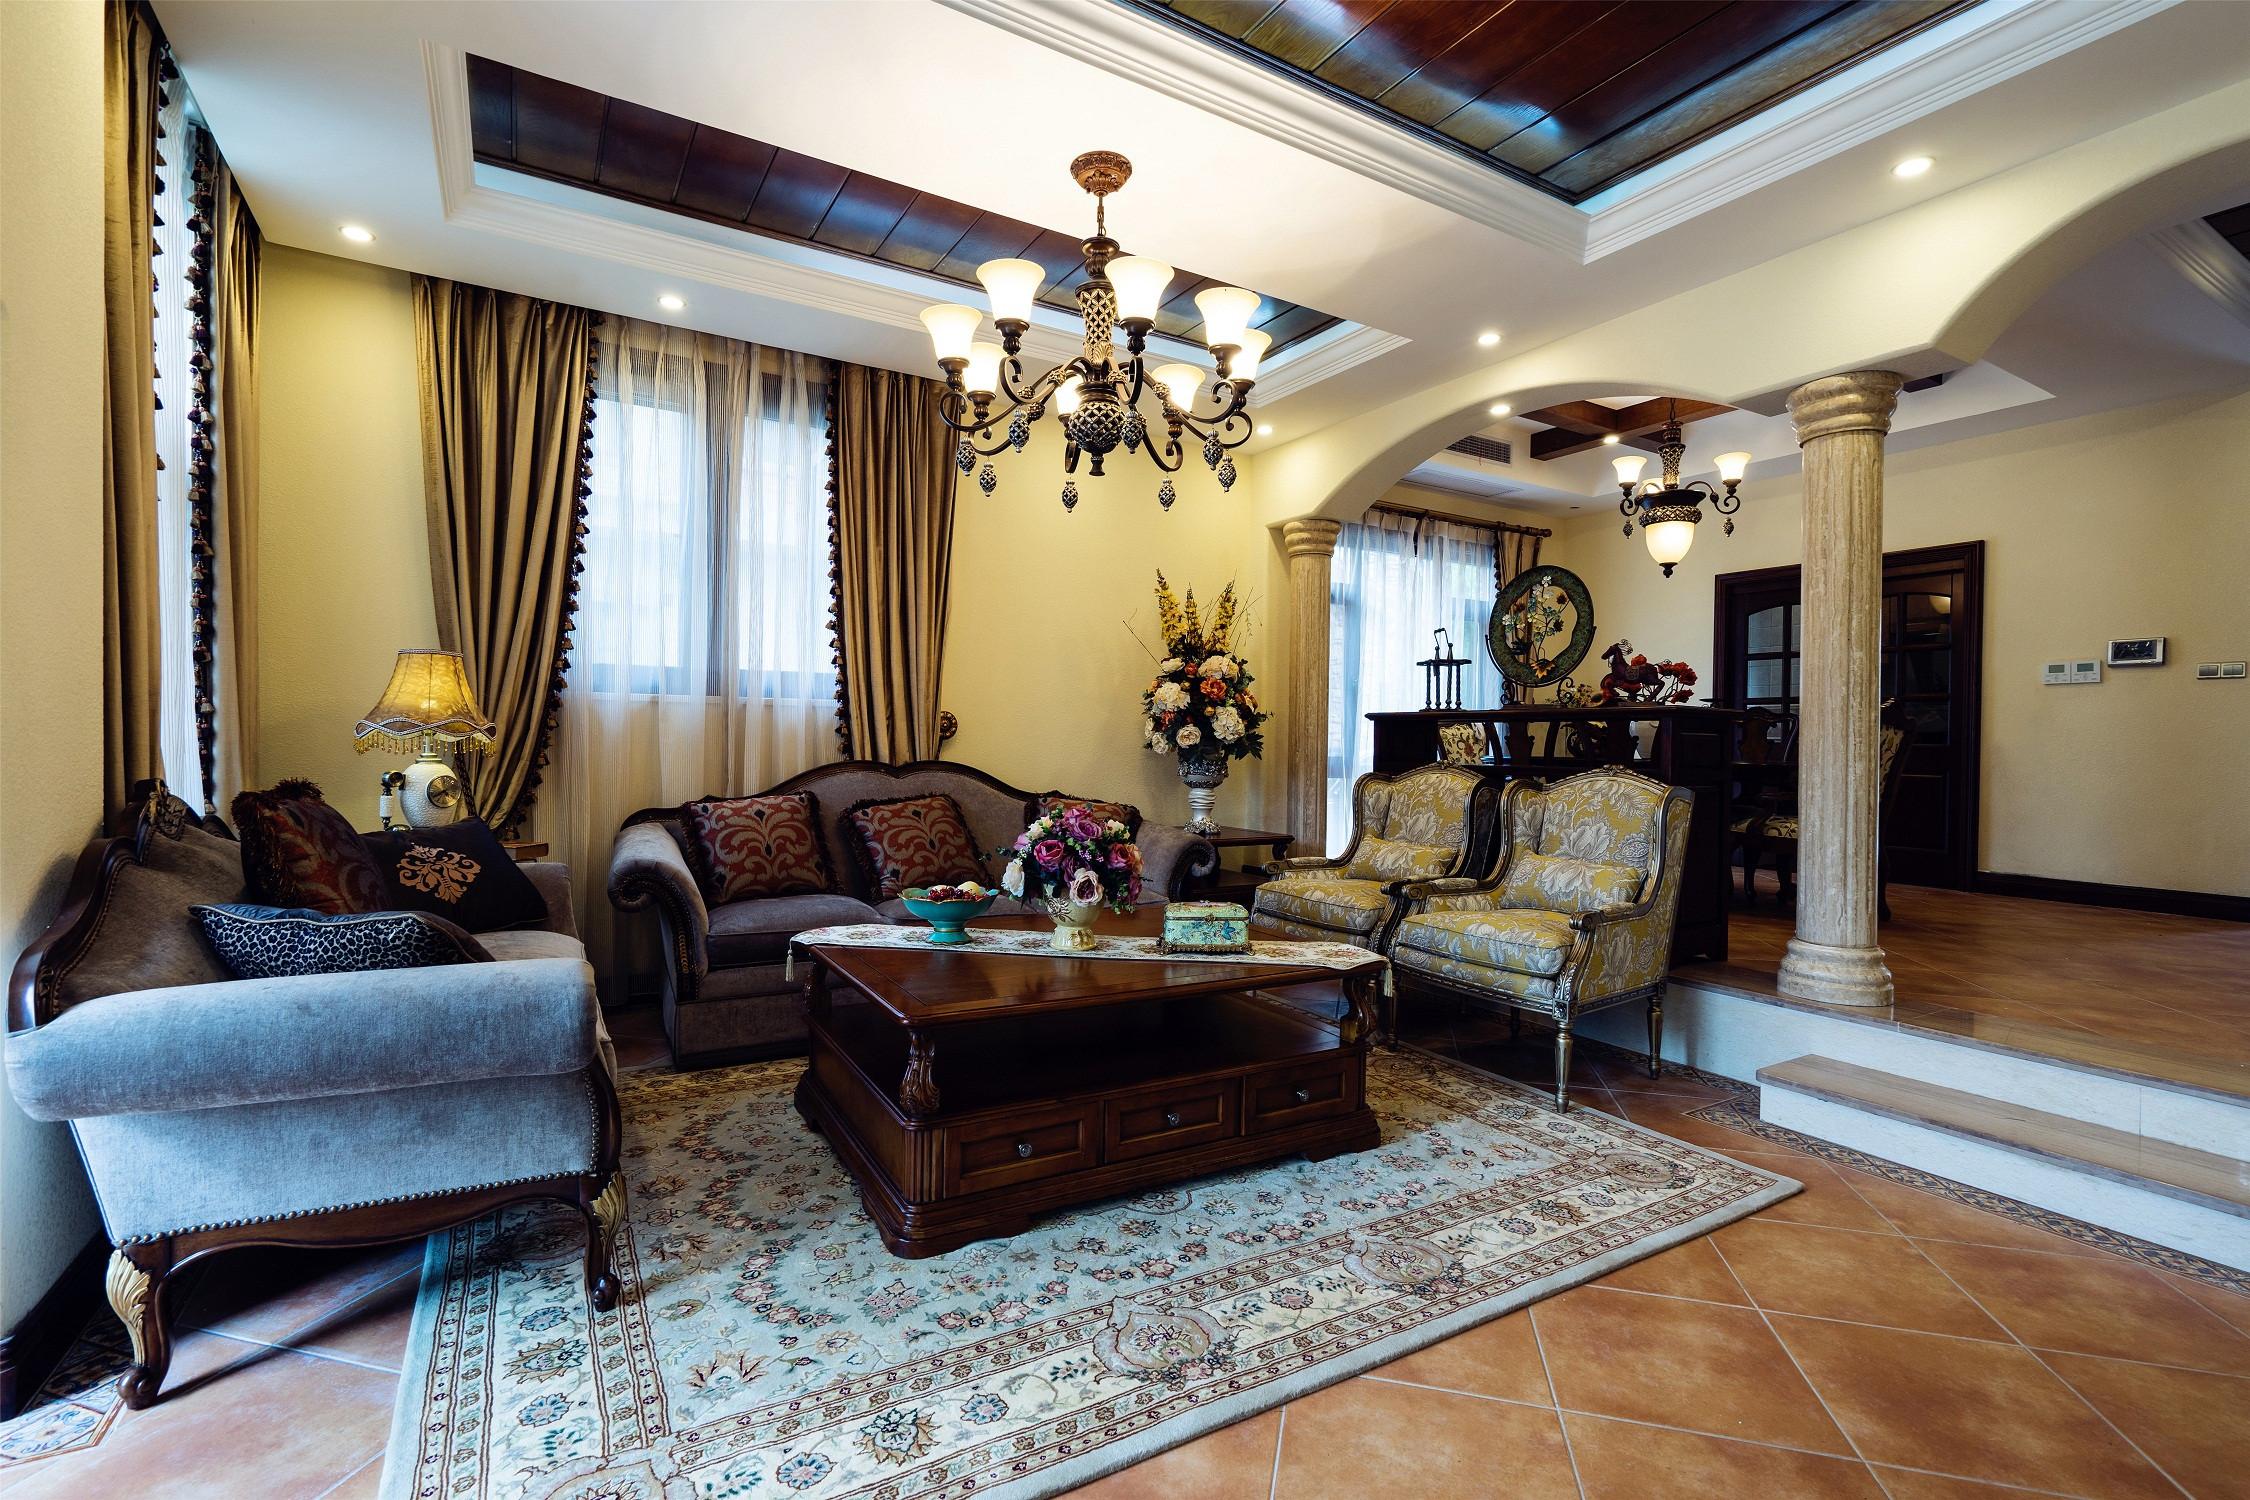 欧式风格别墅富裕型客厅沙发海外家居